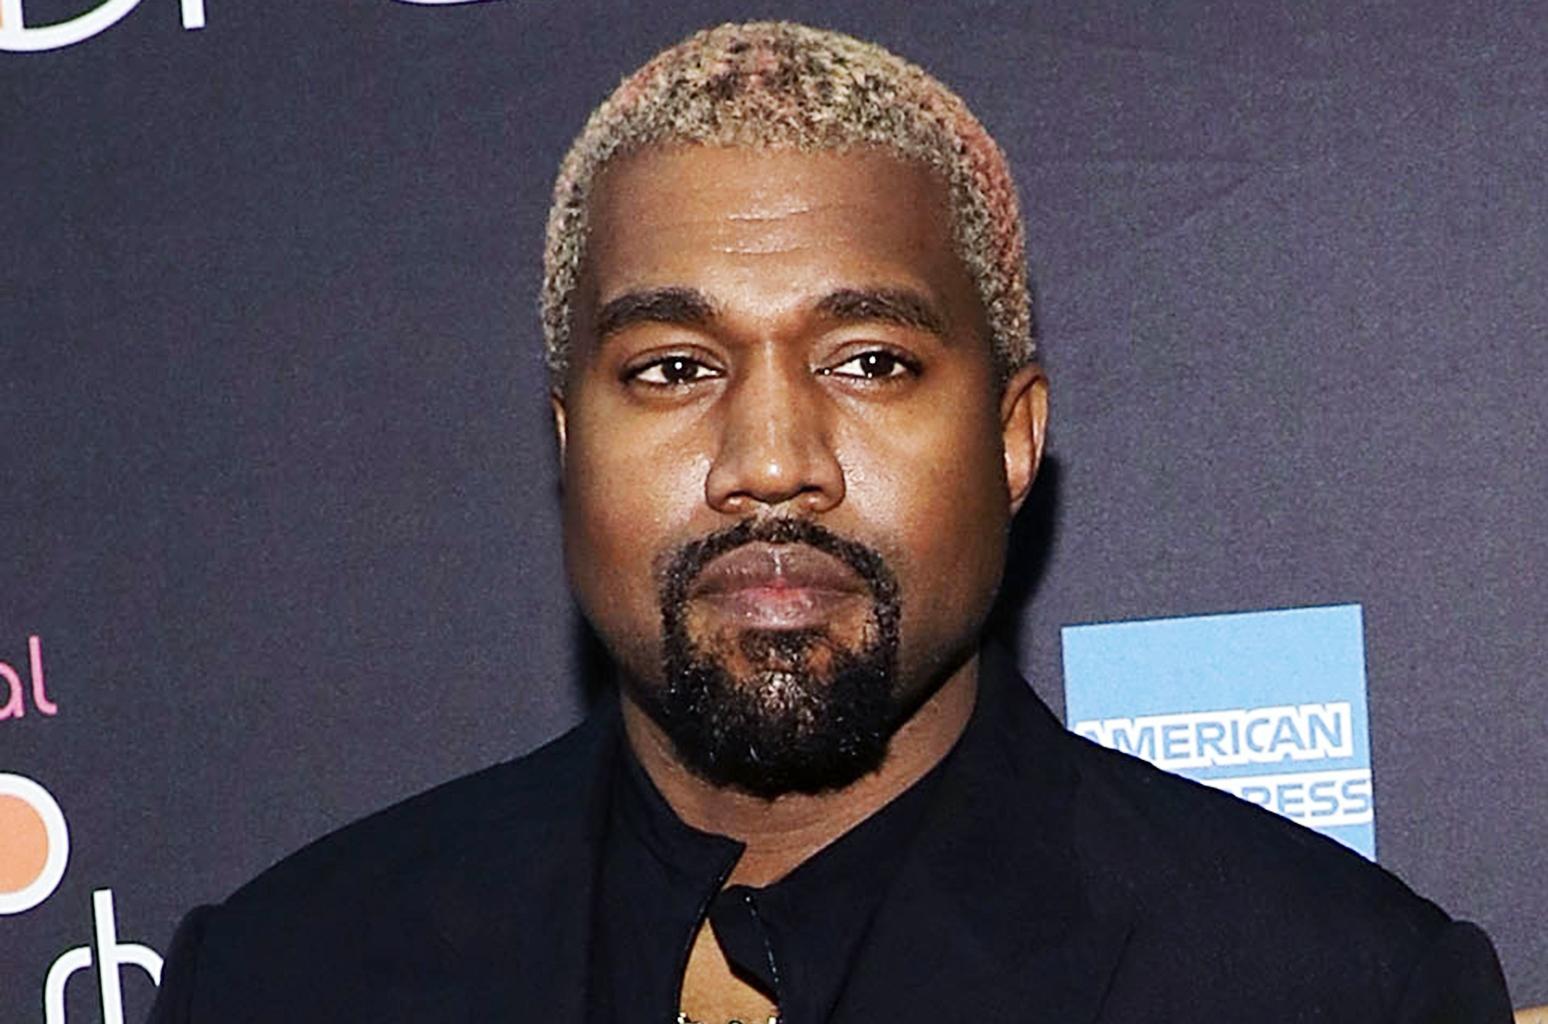 Kanye West Splashes Over 365 Million Naira To Celebrate Kim Kardashian's Birthday